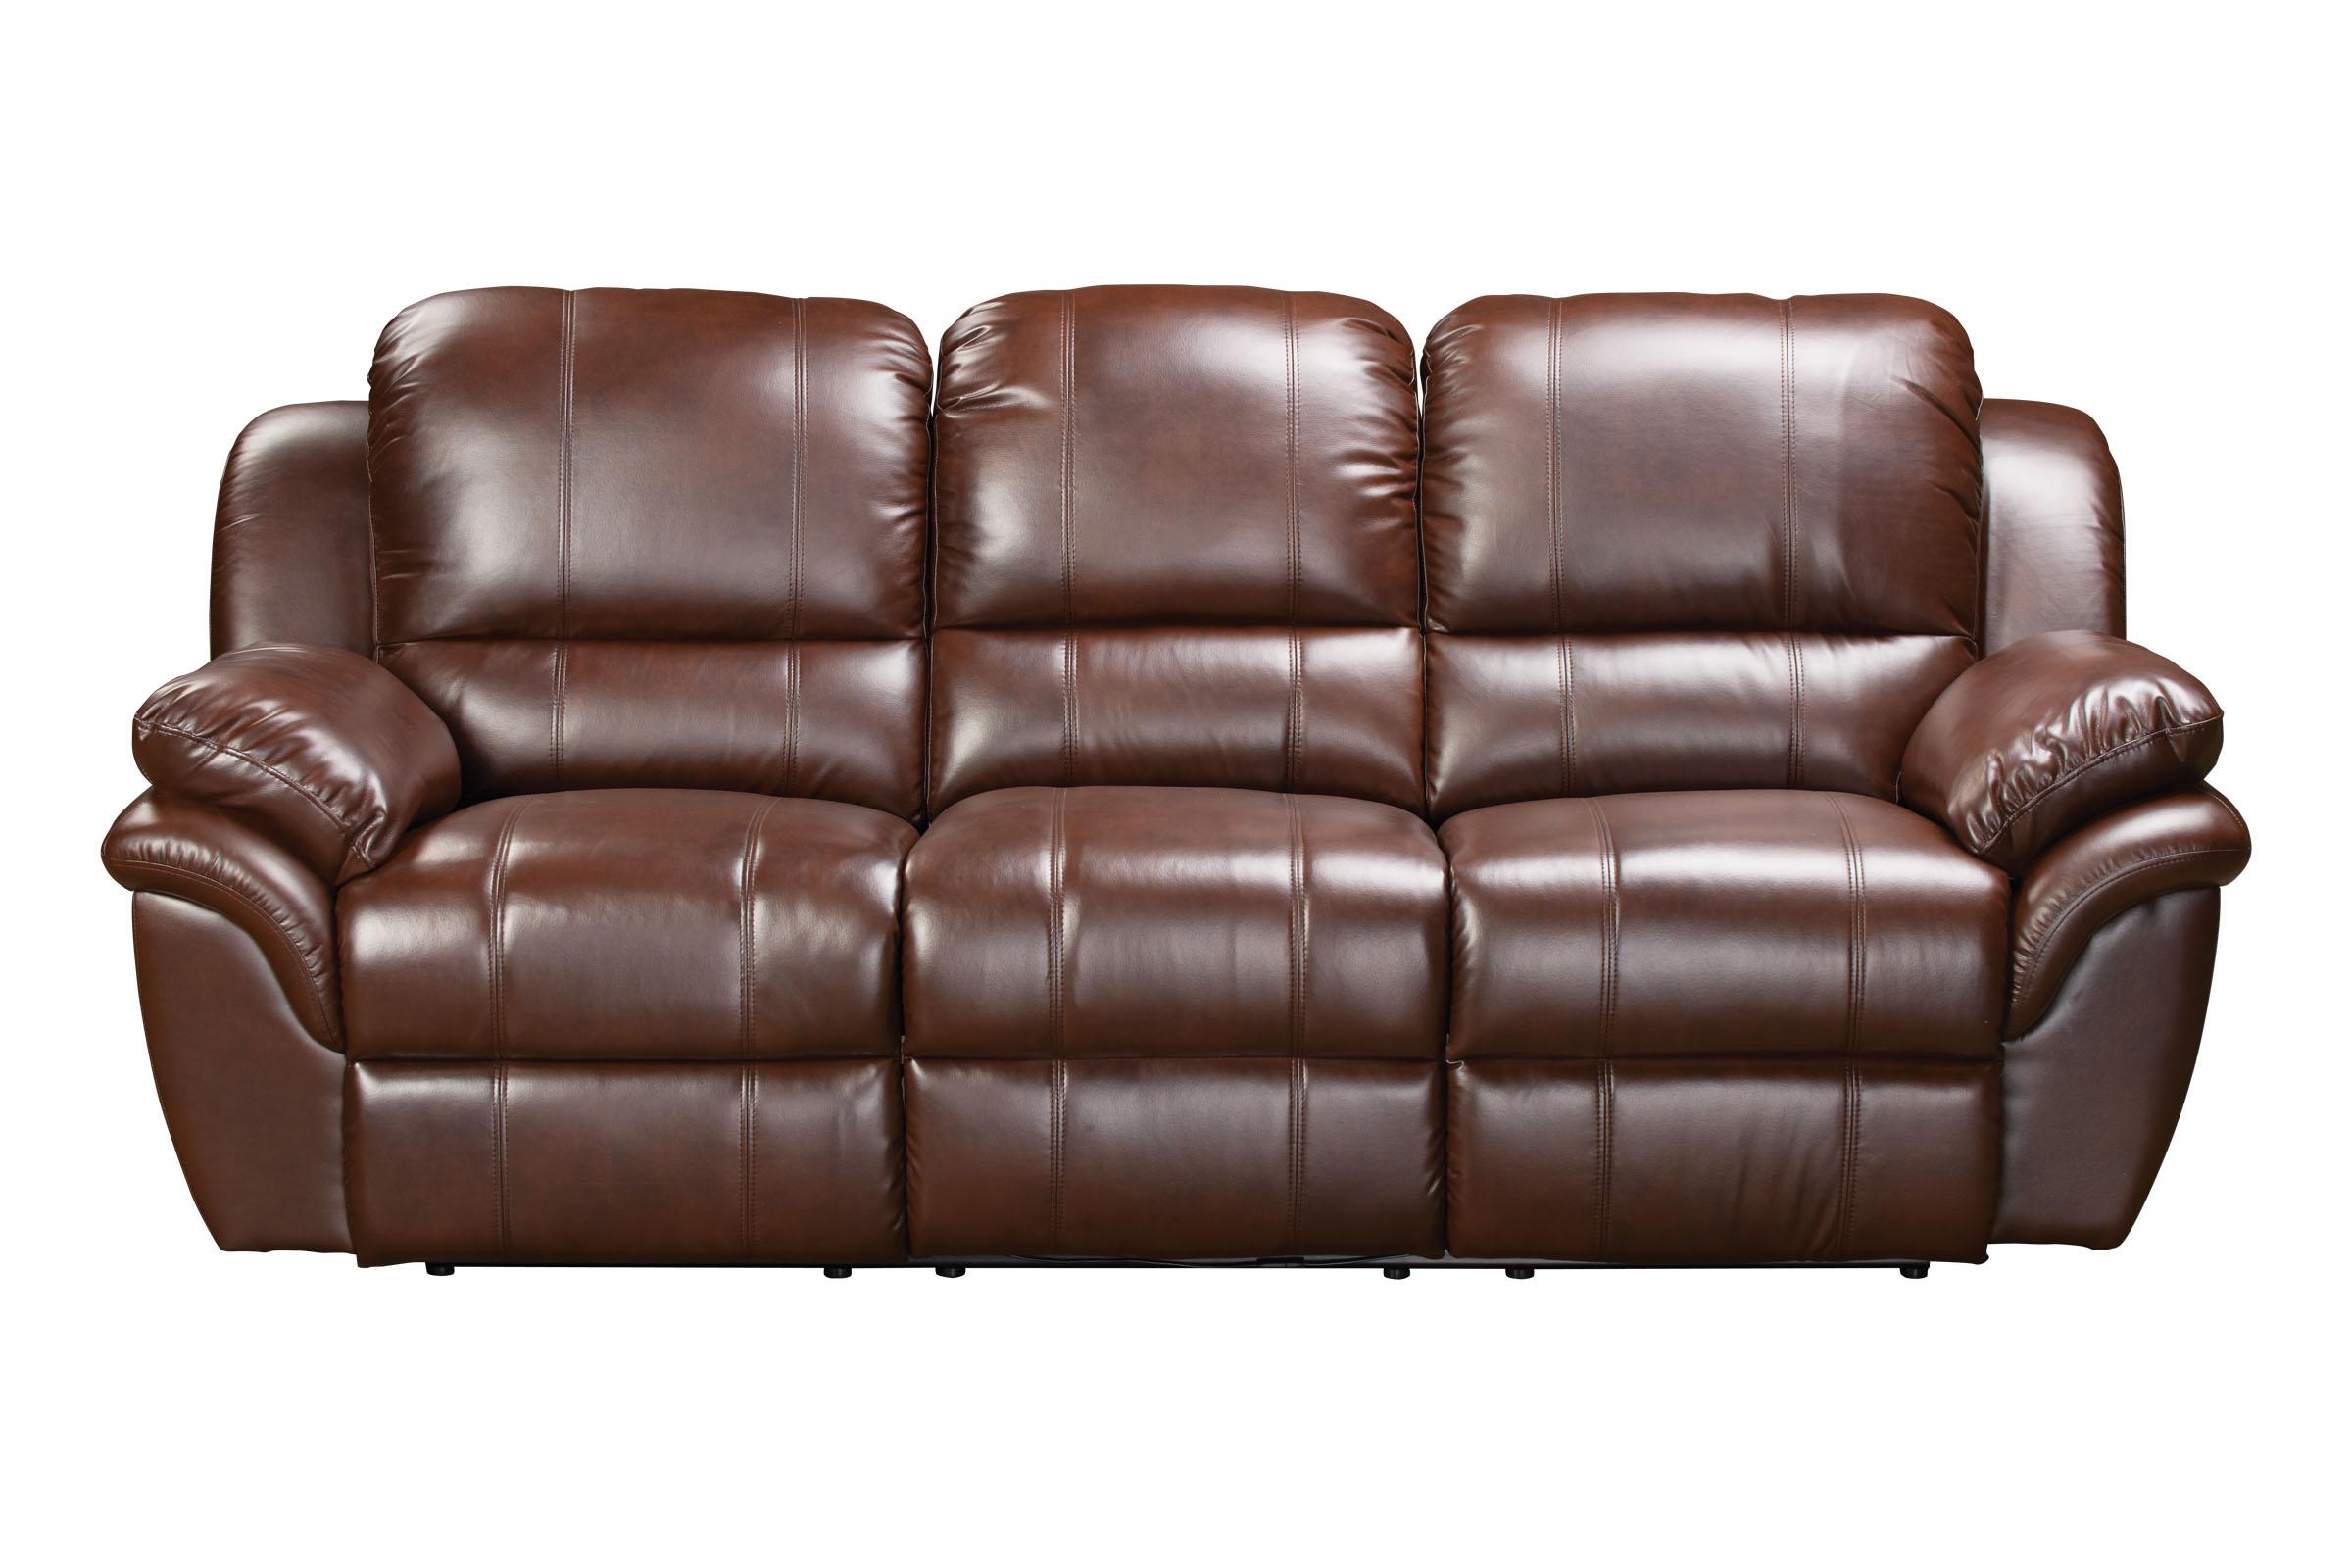 Blair Leather Power Reclining Sofa at Gardner-White